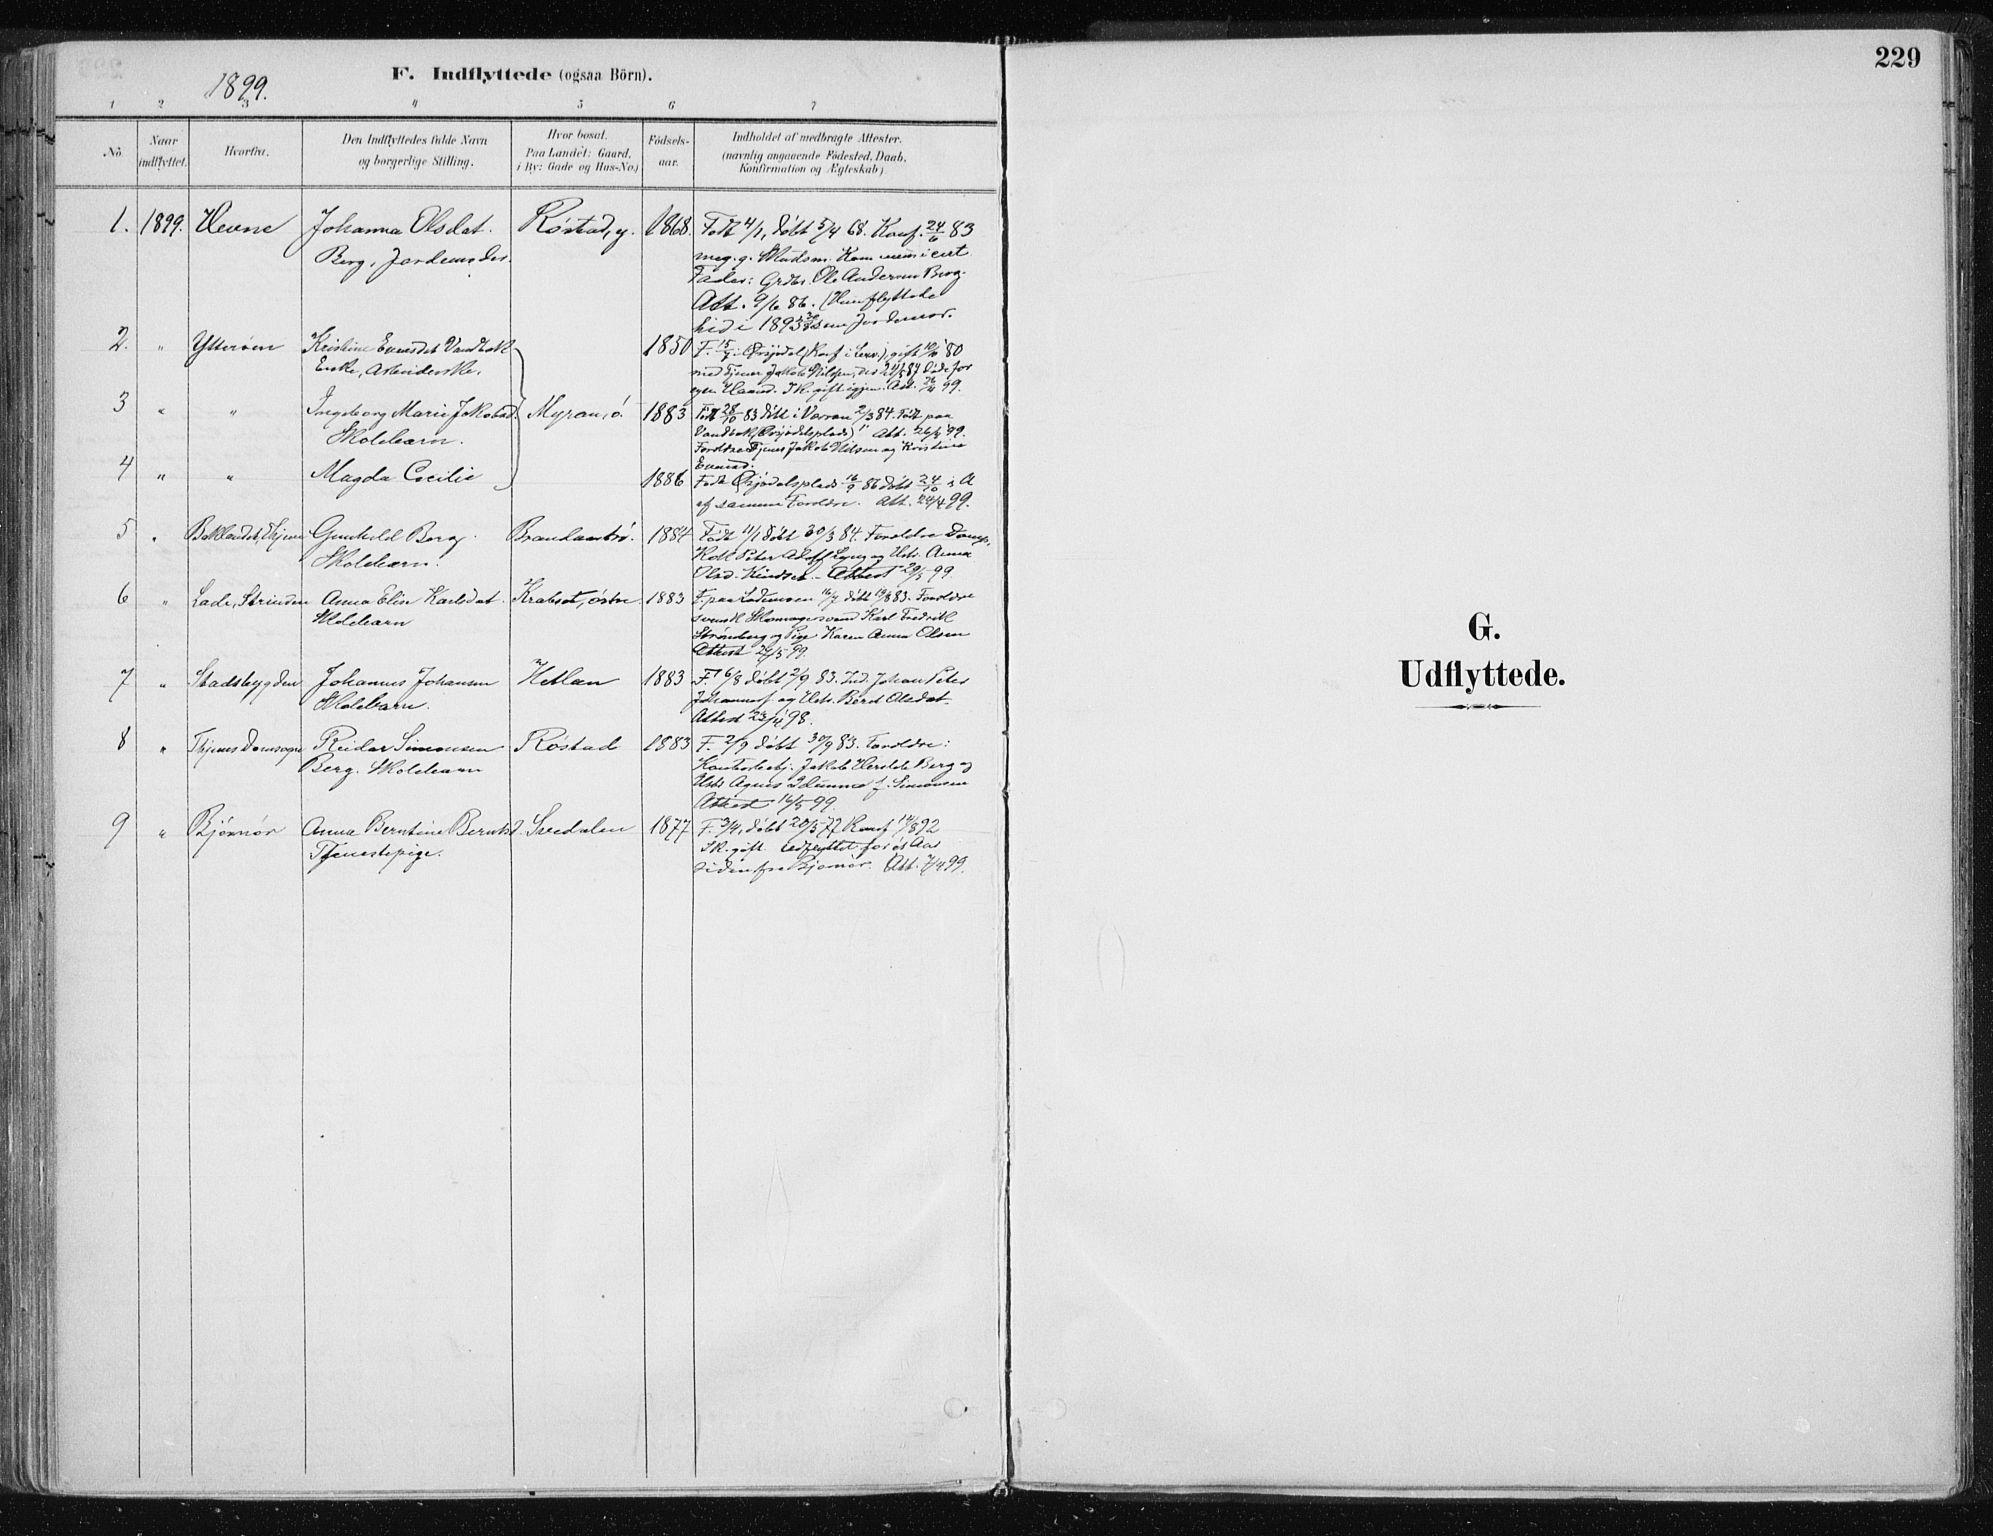 SAT, Ministerialprotokoller, klokkerbøker og fødselsregistre - Nord-Trøndelag, 701/L0010: Ministerialbok nr. 701A10, 1883-1899, s. 227